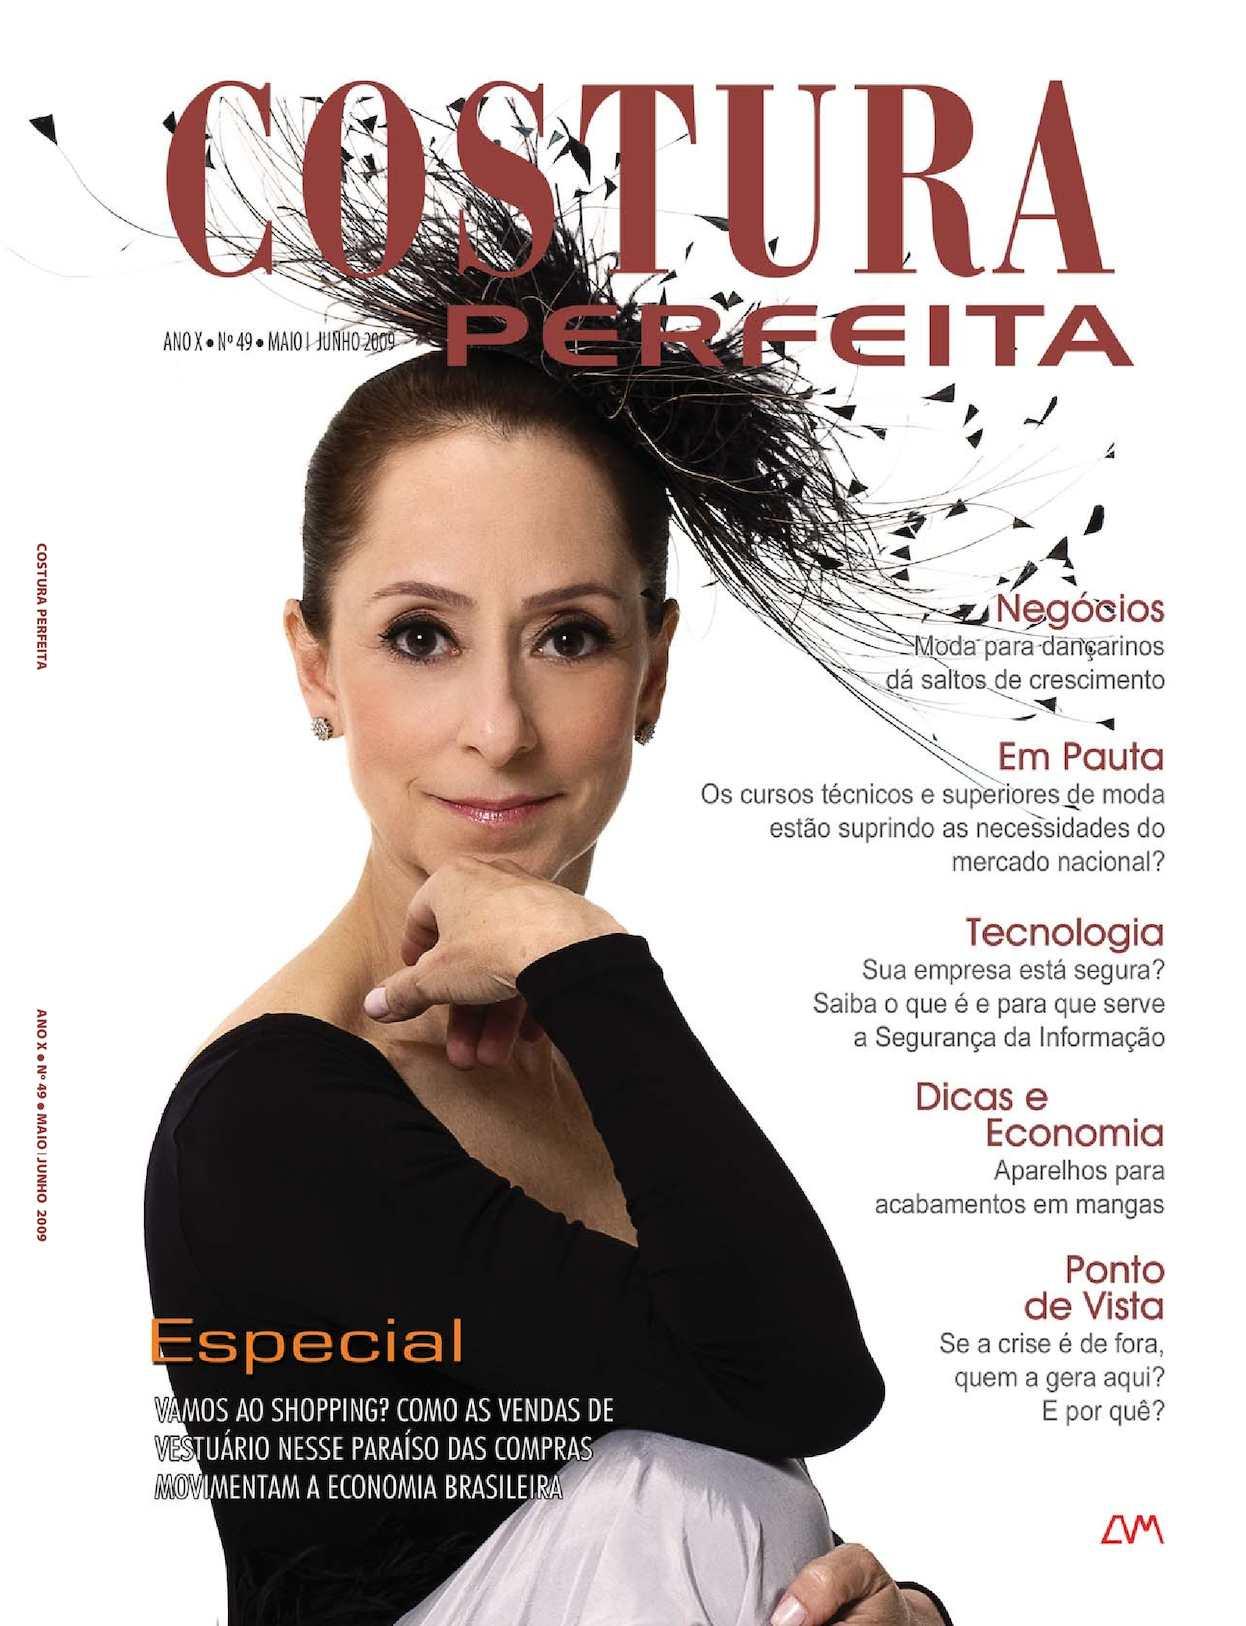 Calaméo - Revista Costura Perfeita Edição Ano X - N49 -Maio-Junho 2009 331721599eccb